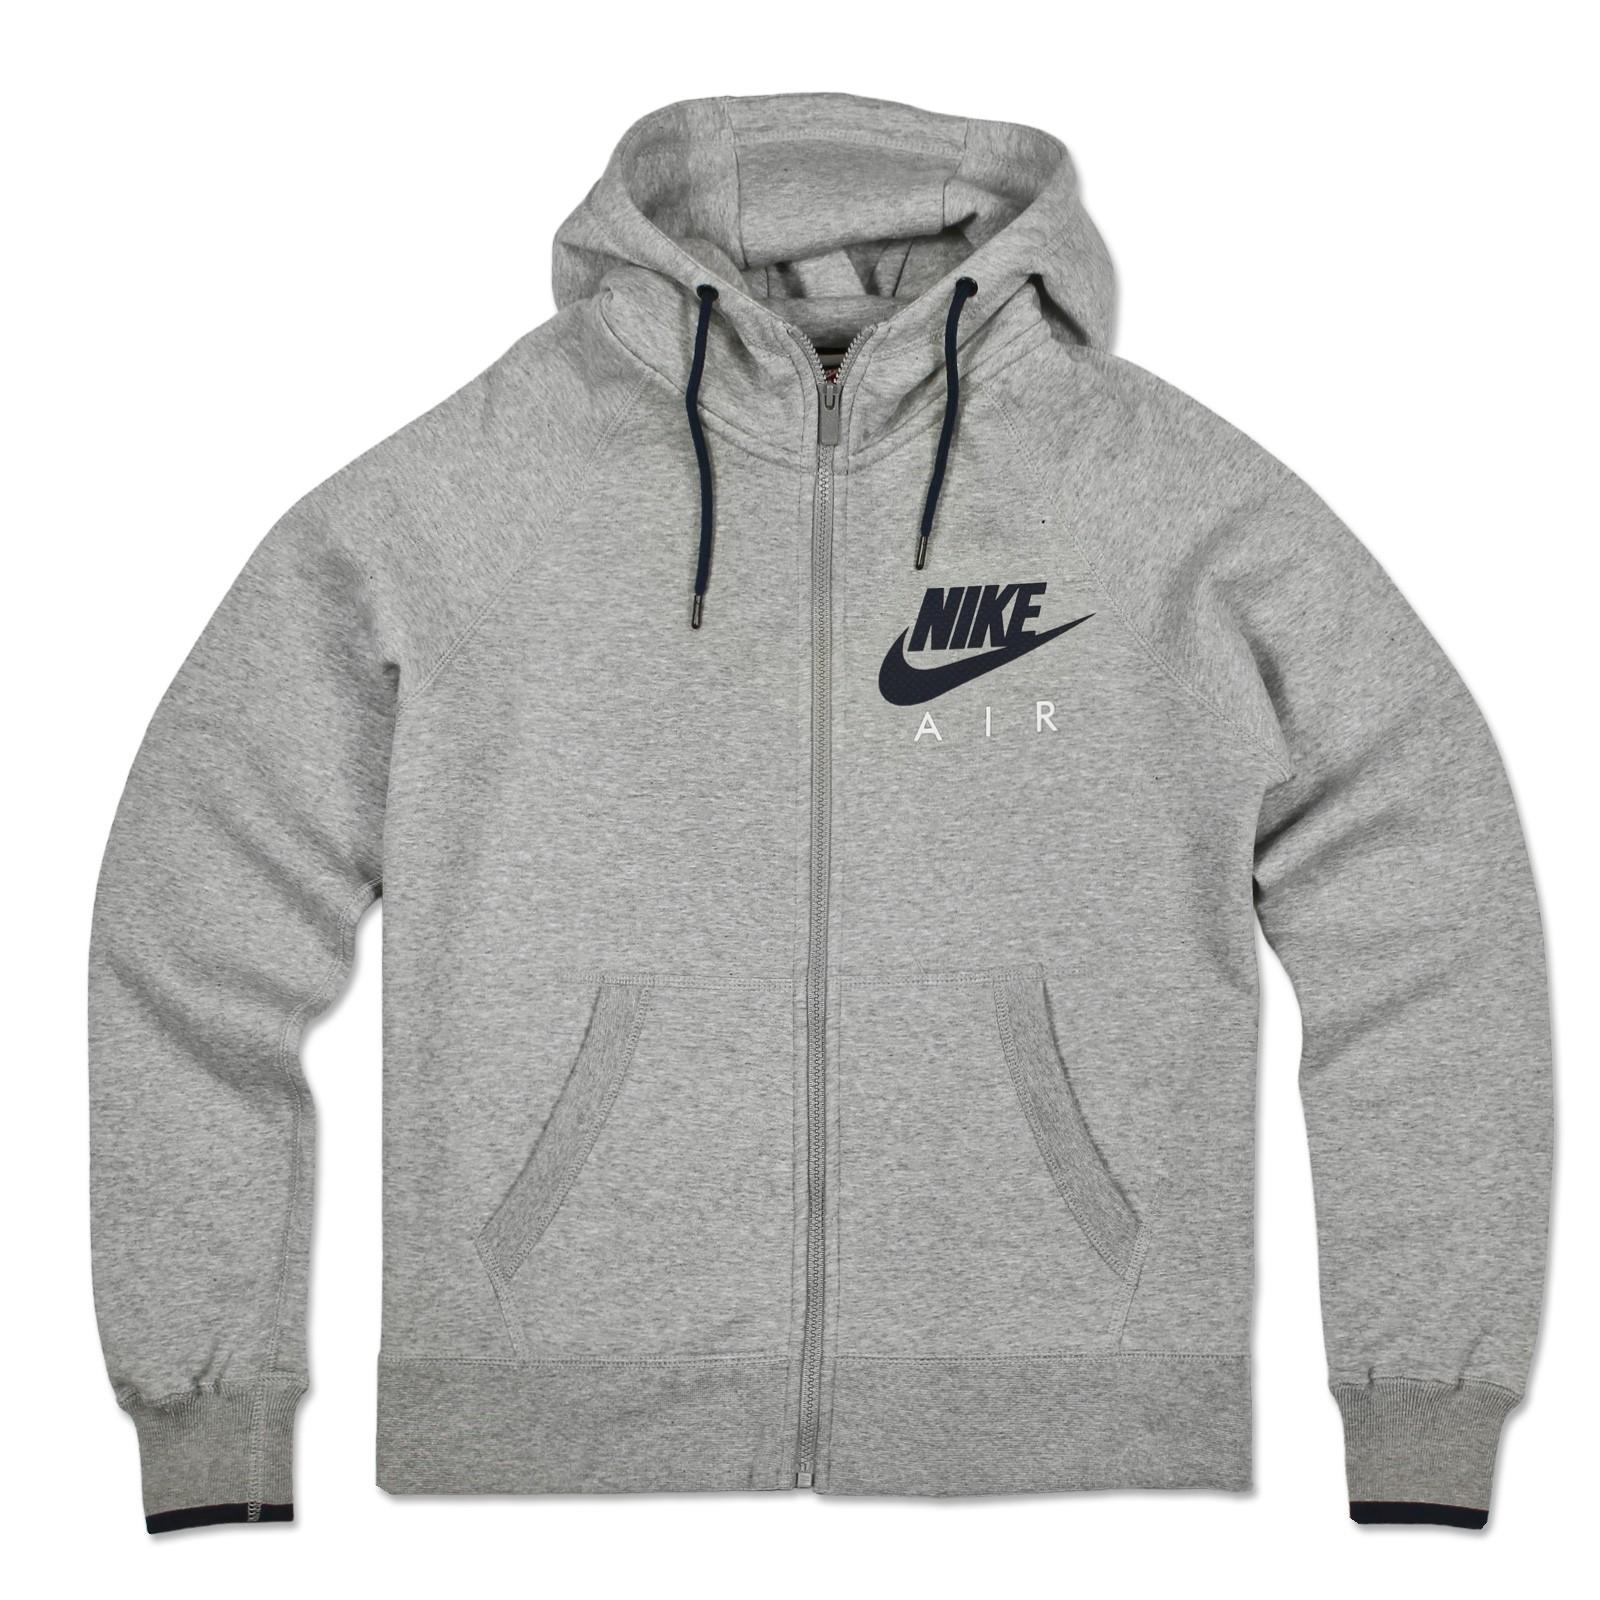 nike swoosh air hoodie fleece hooded jumper club hoody sweatshirt jacket s xl ebay. Black Bedroom Furniture Sets. Home Design Ideas